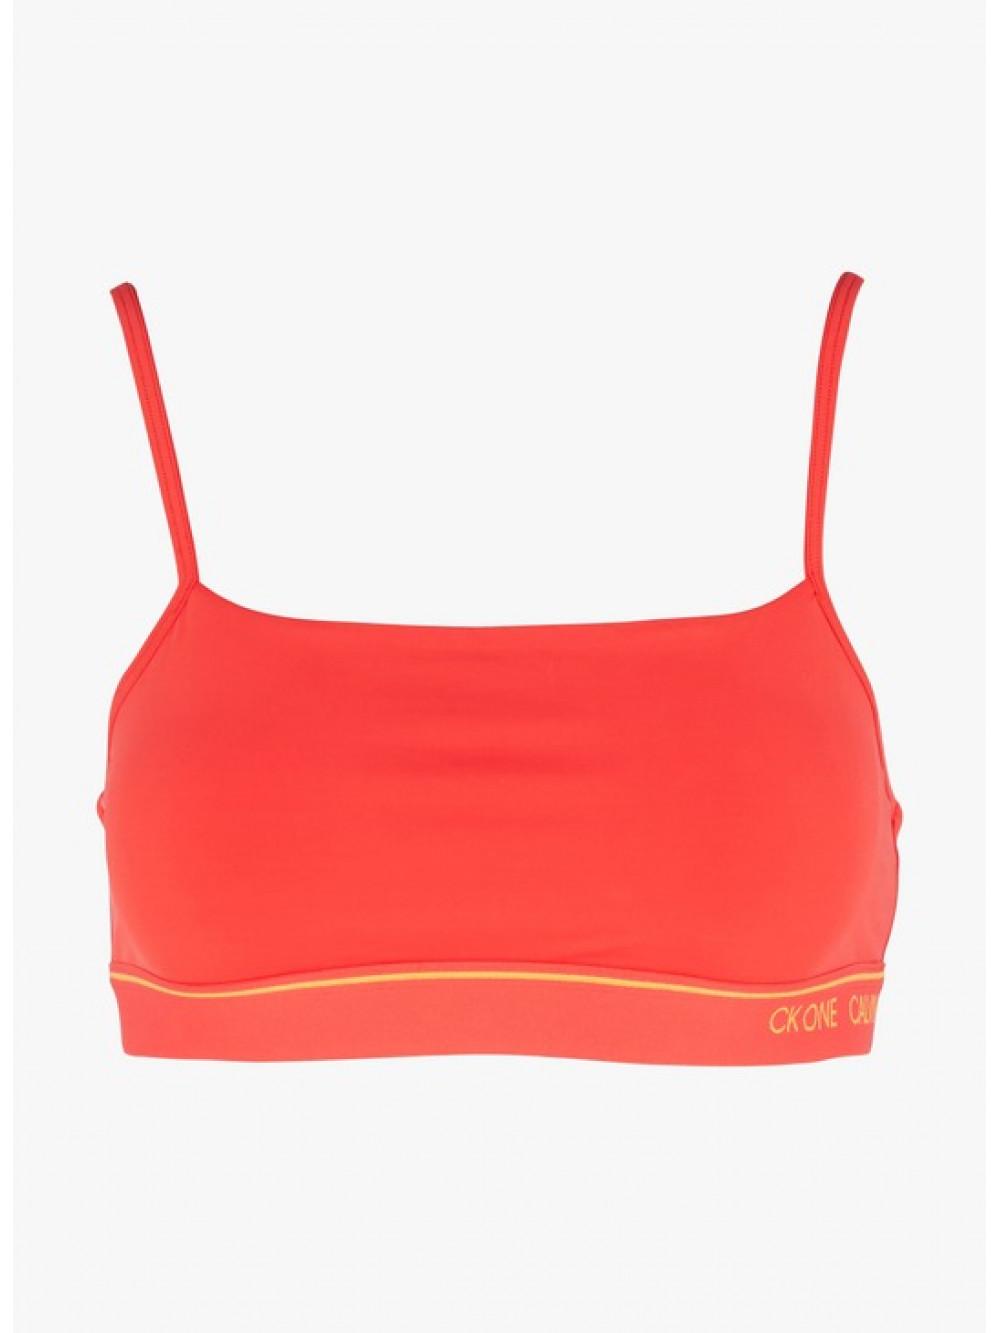 Dámska športová podprsenka Calvin Klein CK ONE Unlined Bra červená